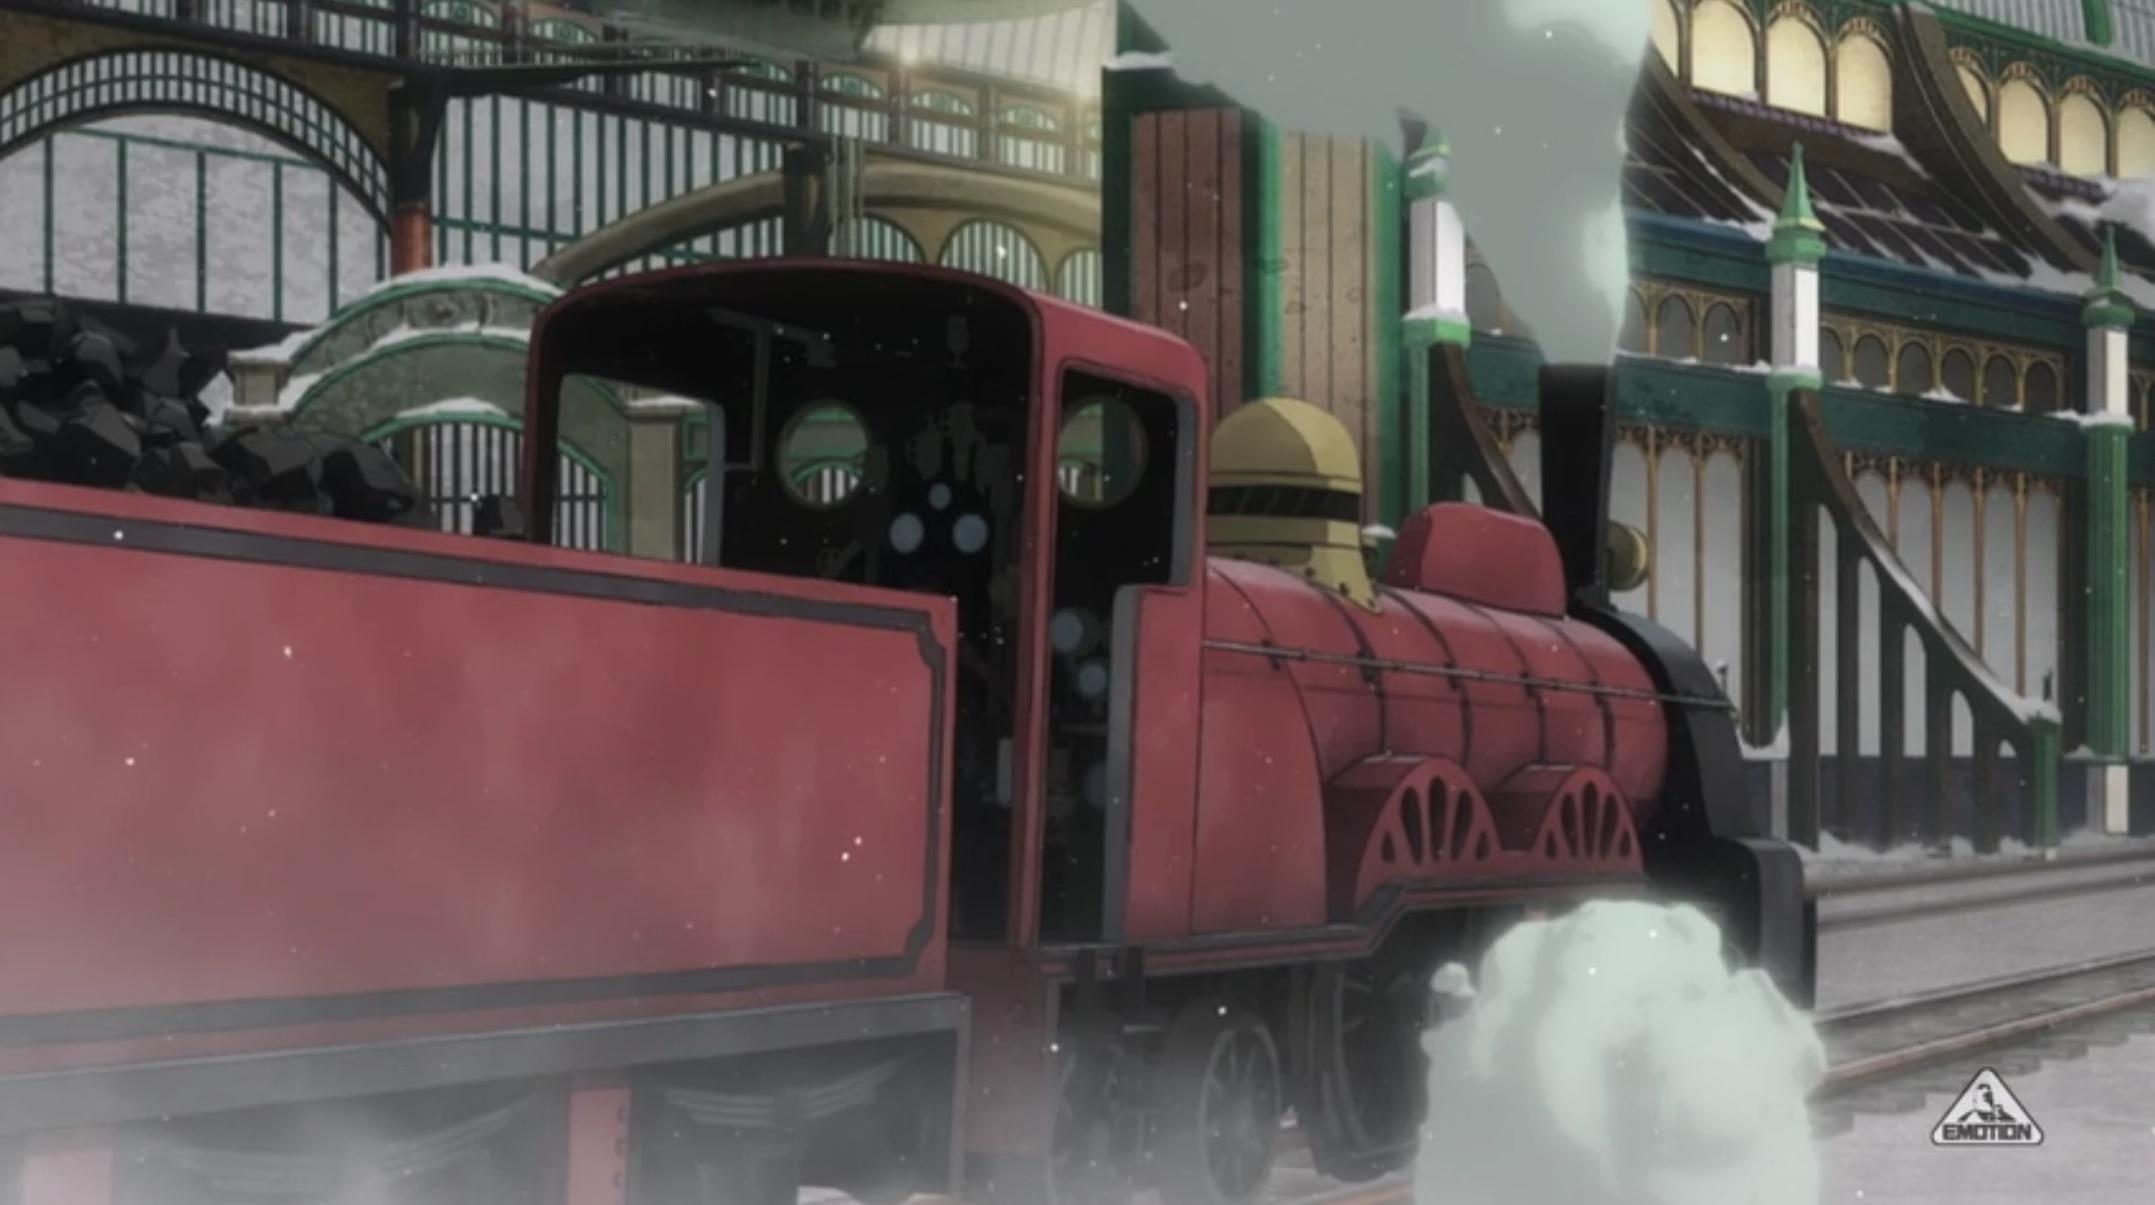 アニメ『プリンセス・プリンシパル』第5話「case7 Bullet & Blade\'s Ballad」における鉄道描写について_f0030574_02370980.jpg